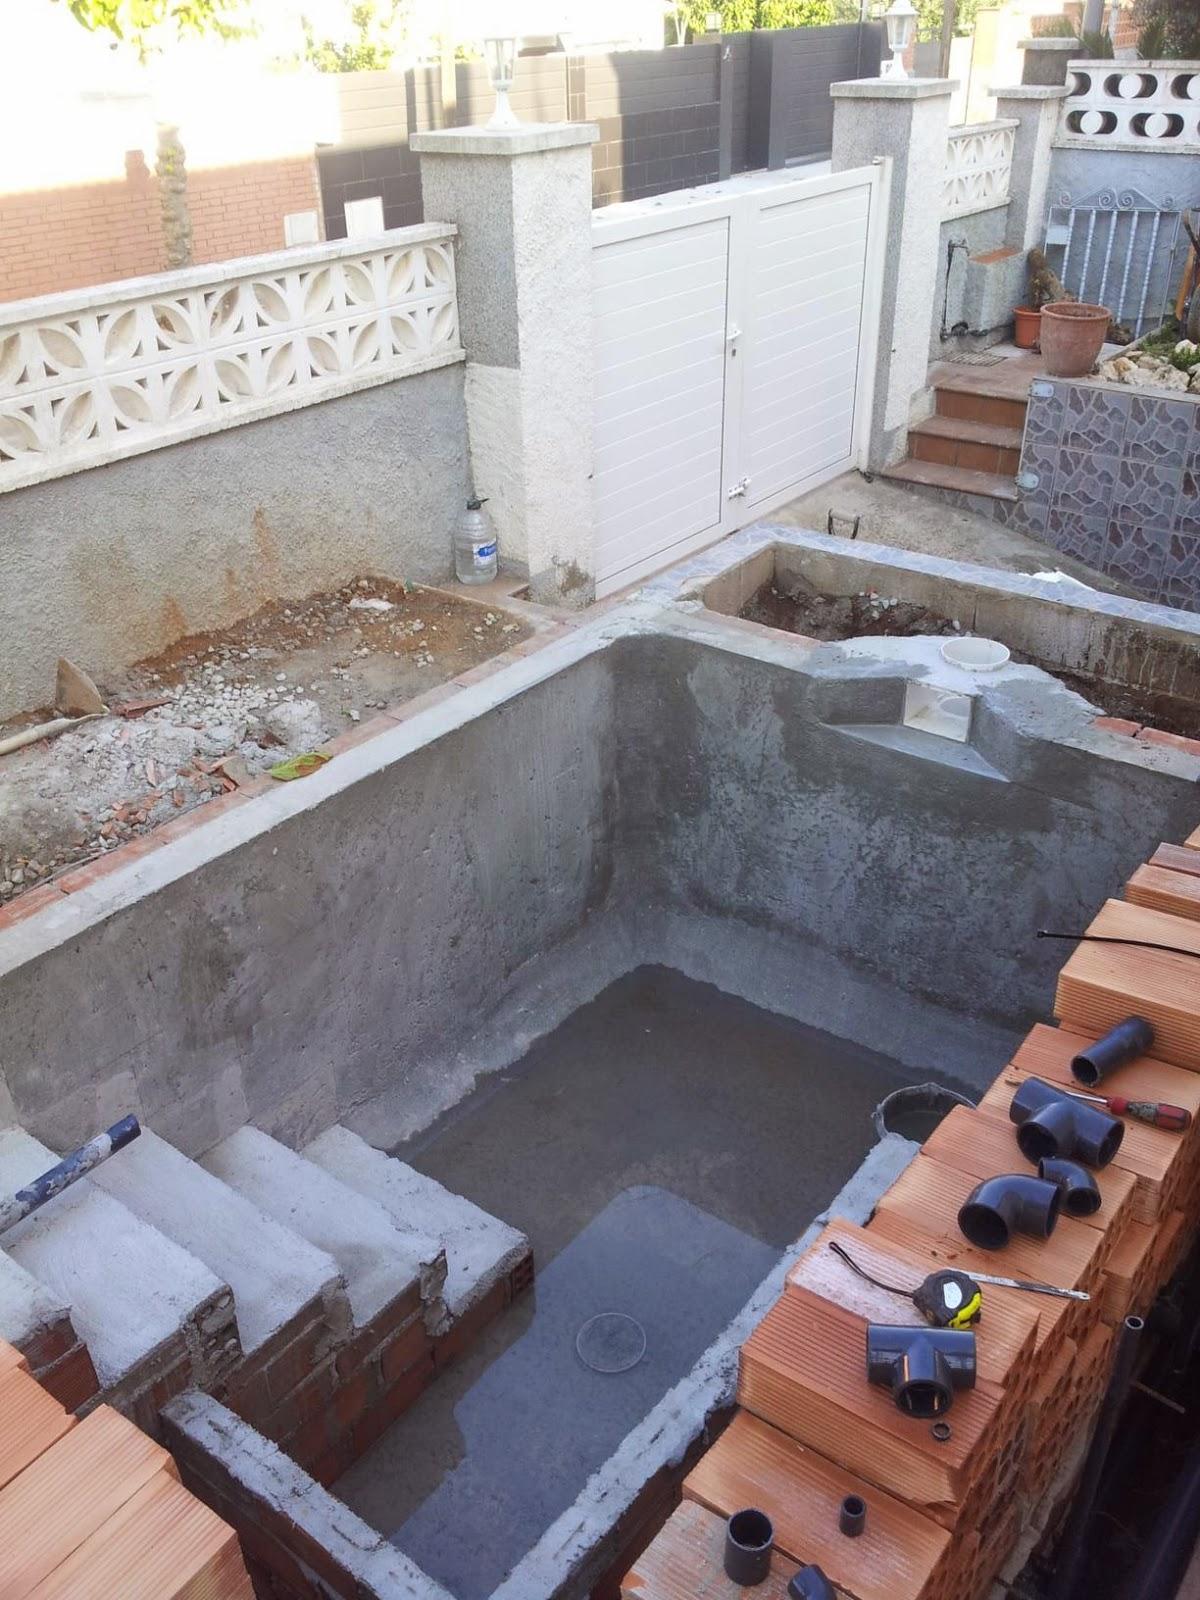 Construcci n reparacion y mantenimientos de piscinas for Como se construye una piscina de concreto